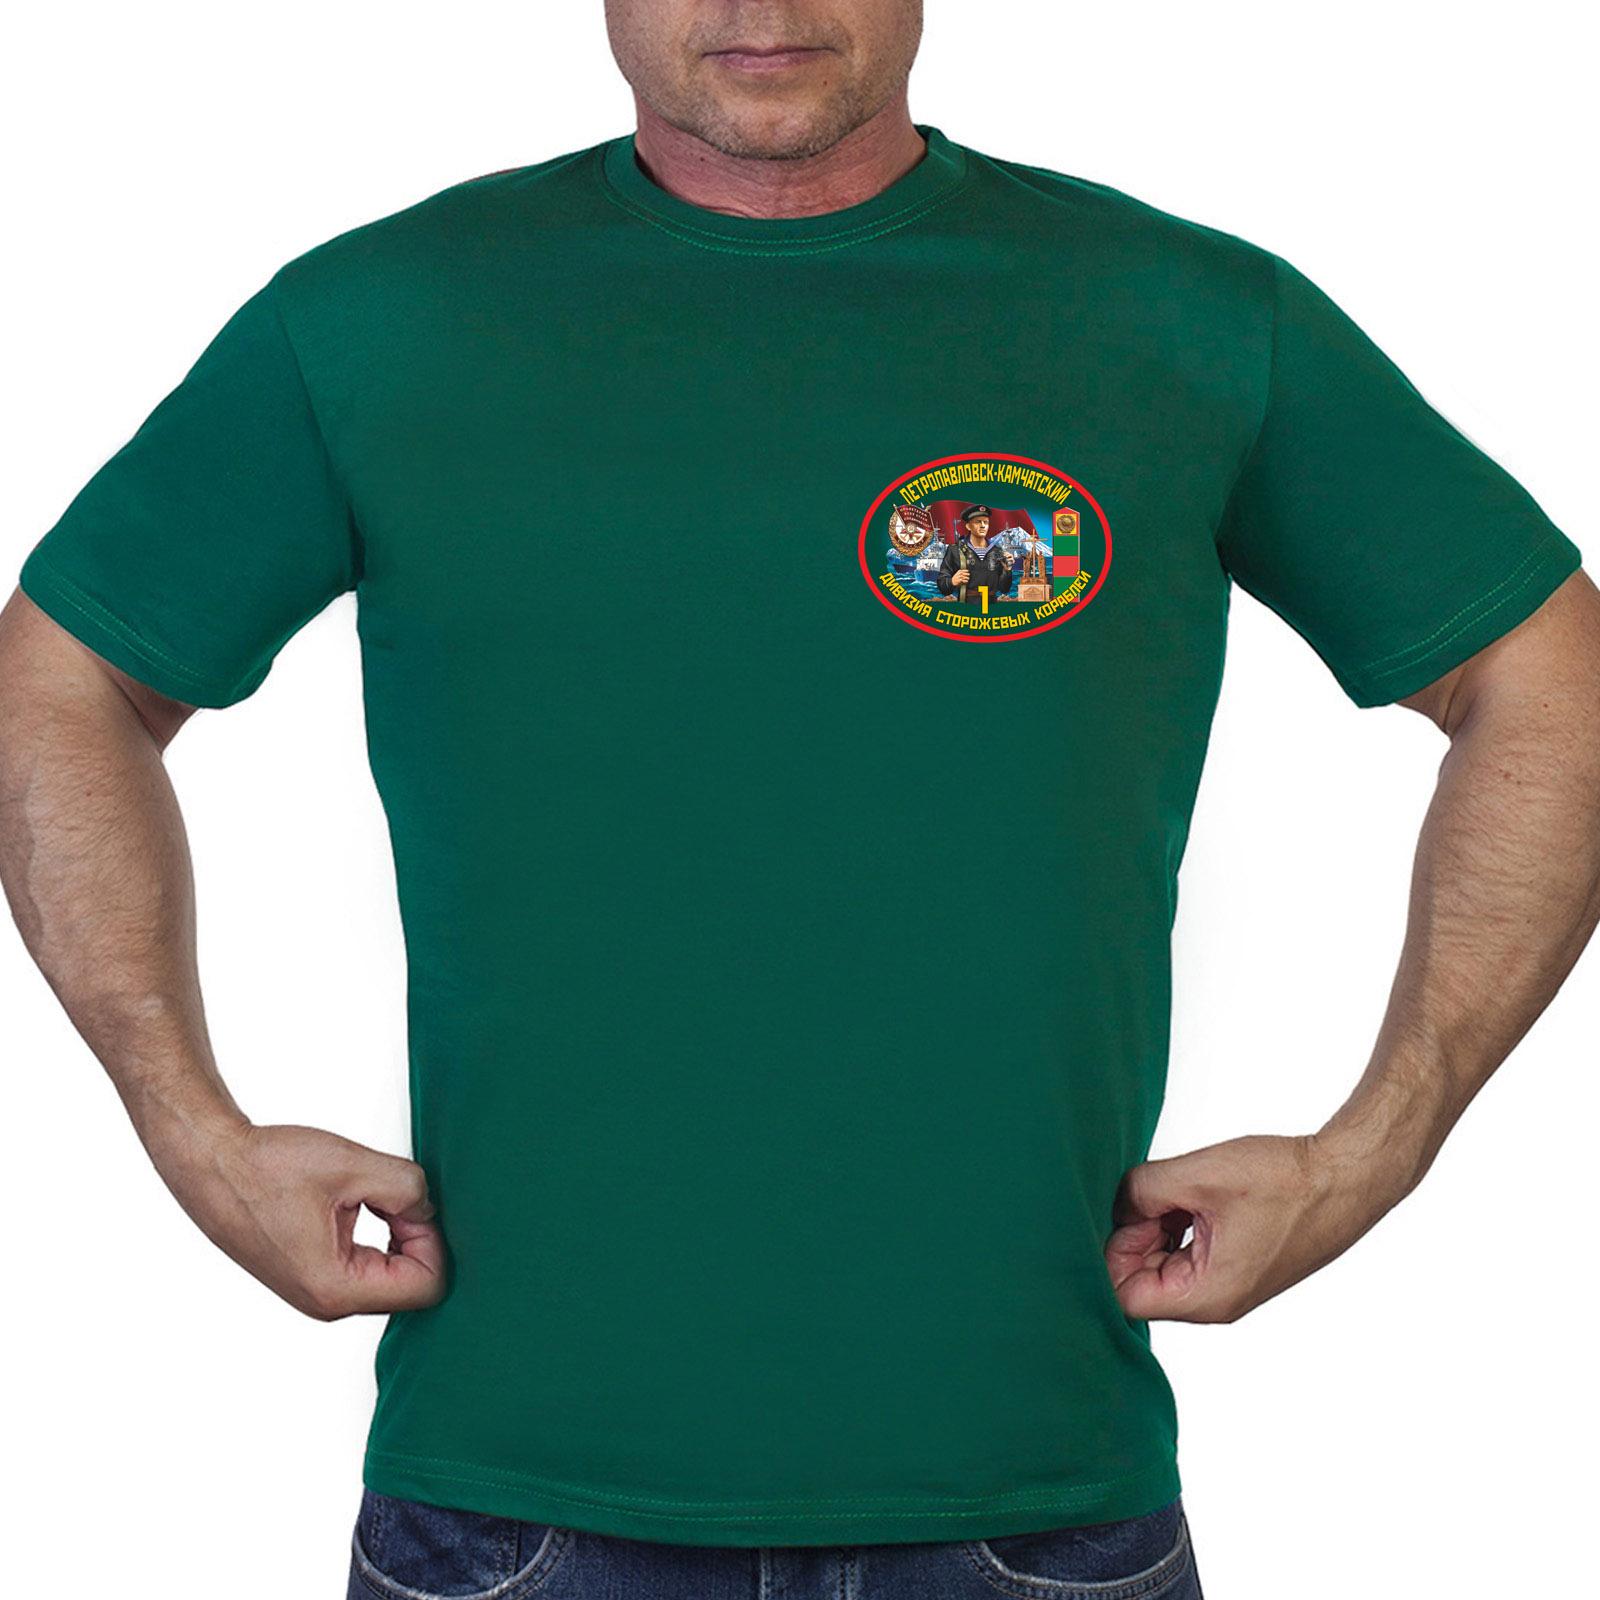 Зеленая мужская футболка 1 дивизия ПСКР Петропавловск-Камчатский